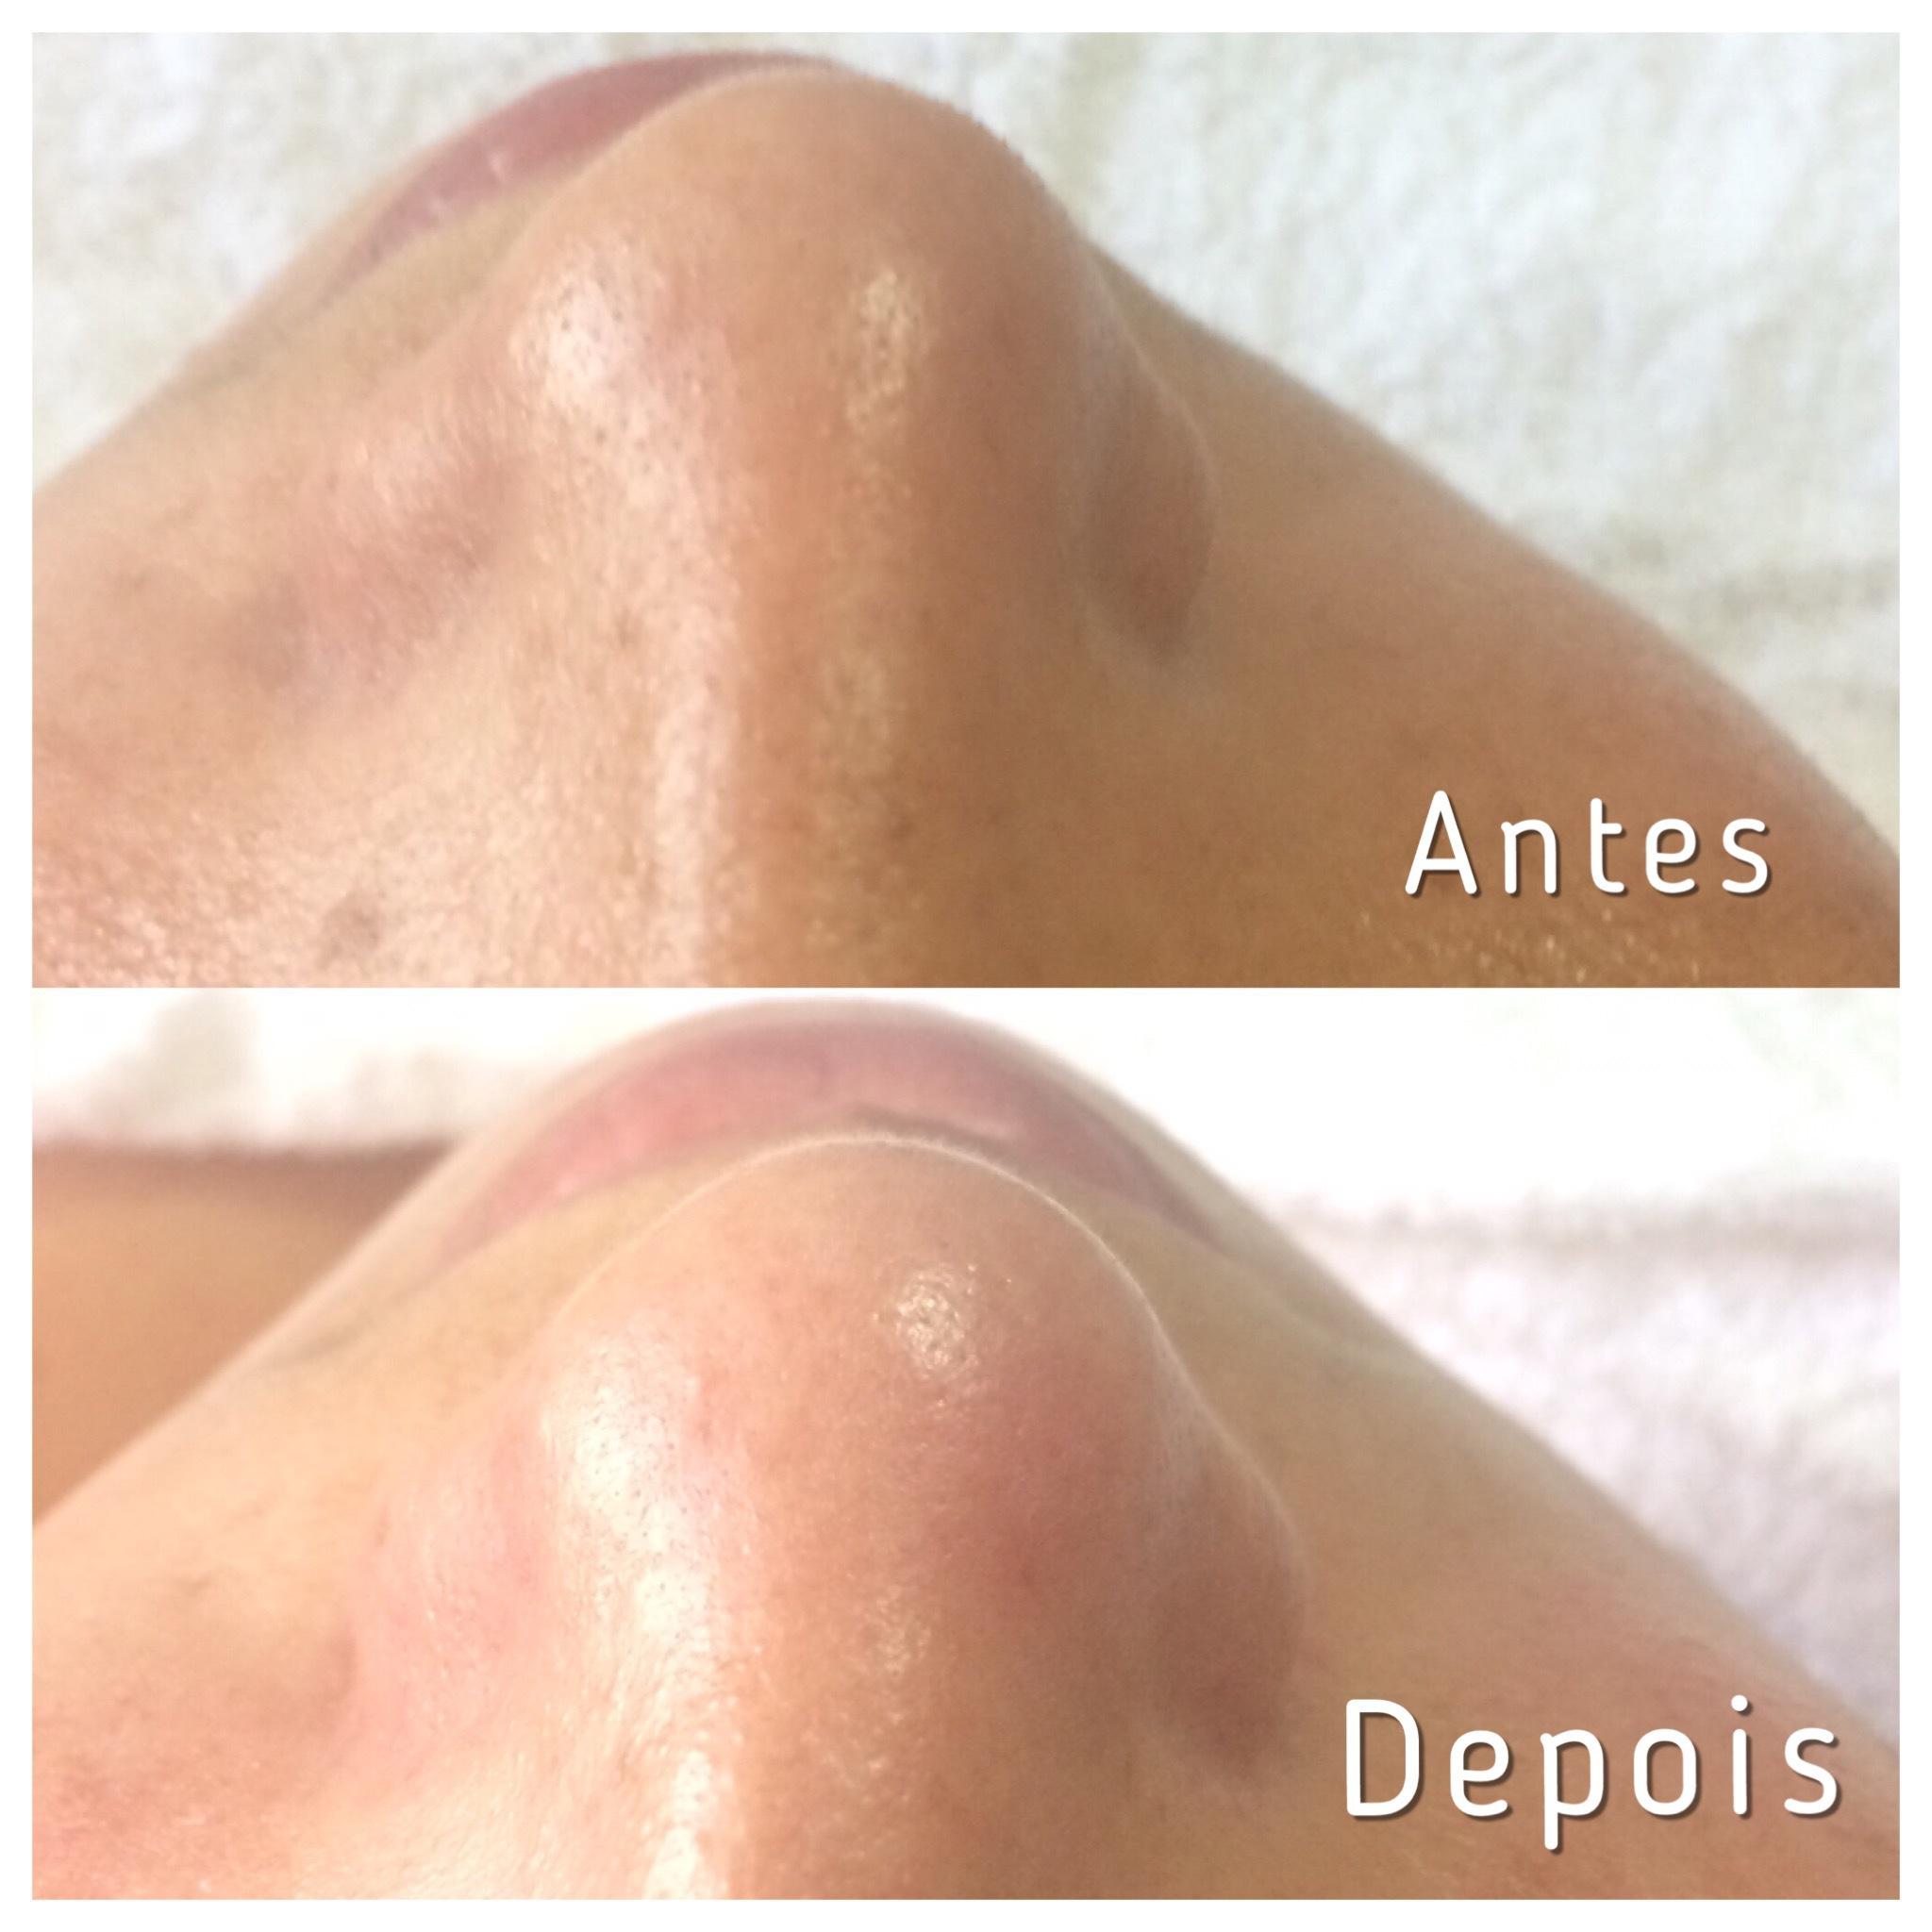 Limpeza de Pele  - Extração dos comedões.  limpeza de pele profunda. estética esteticista maquiador(a) designer de sobrancelhas manicure e pedicure